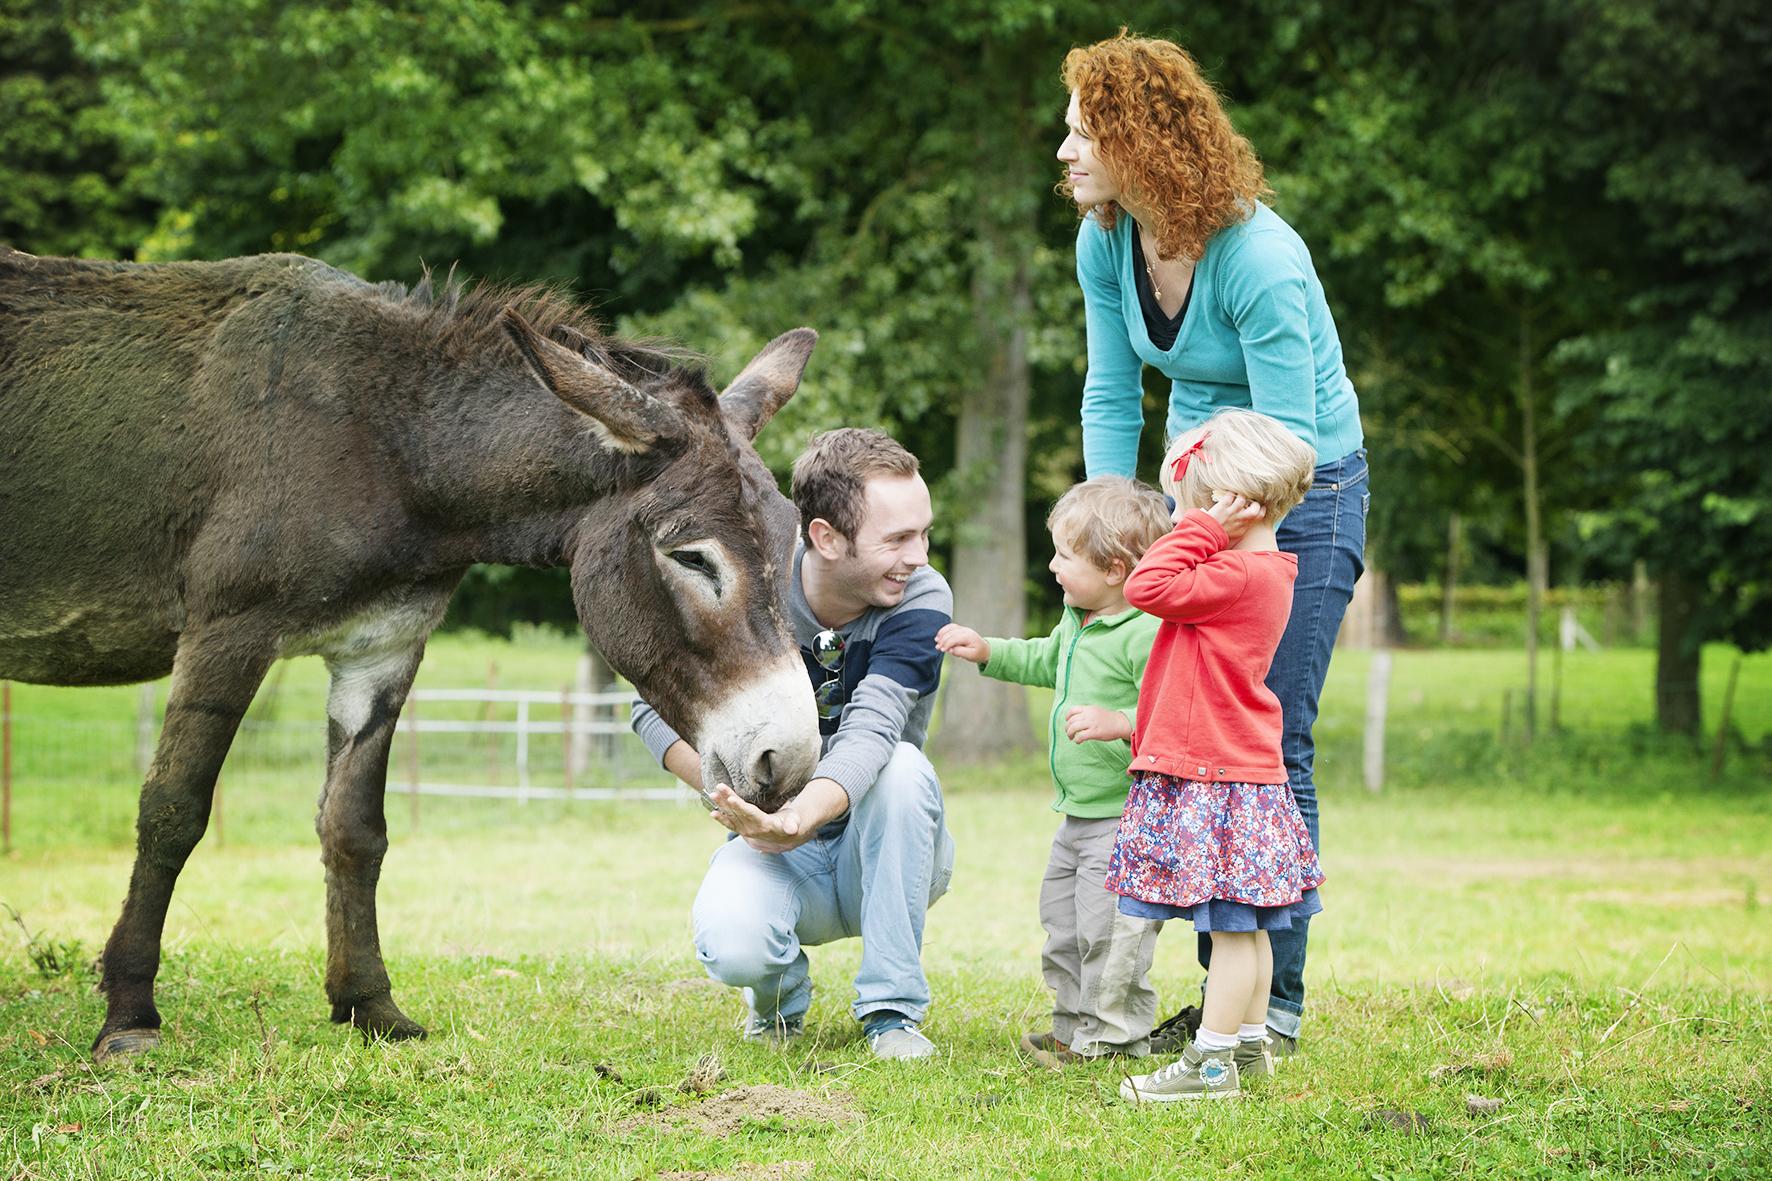 Profiter un séjour insolite en famille avec les animaux dans le camping